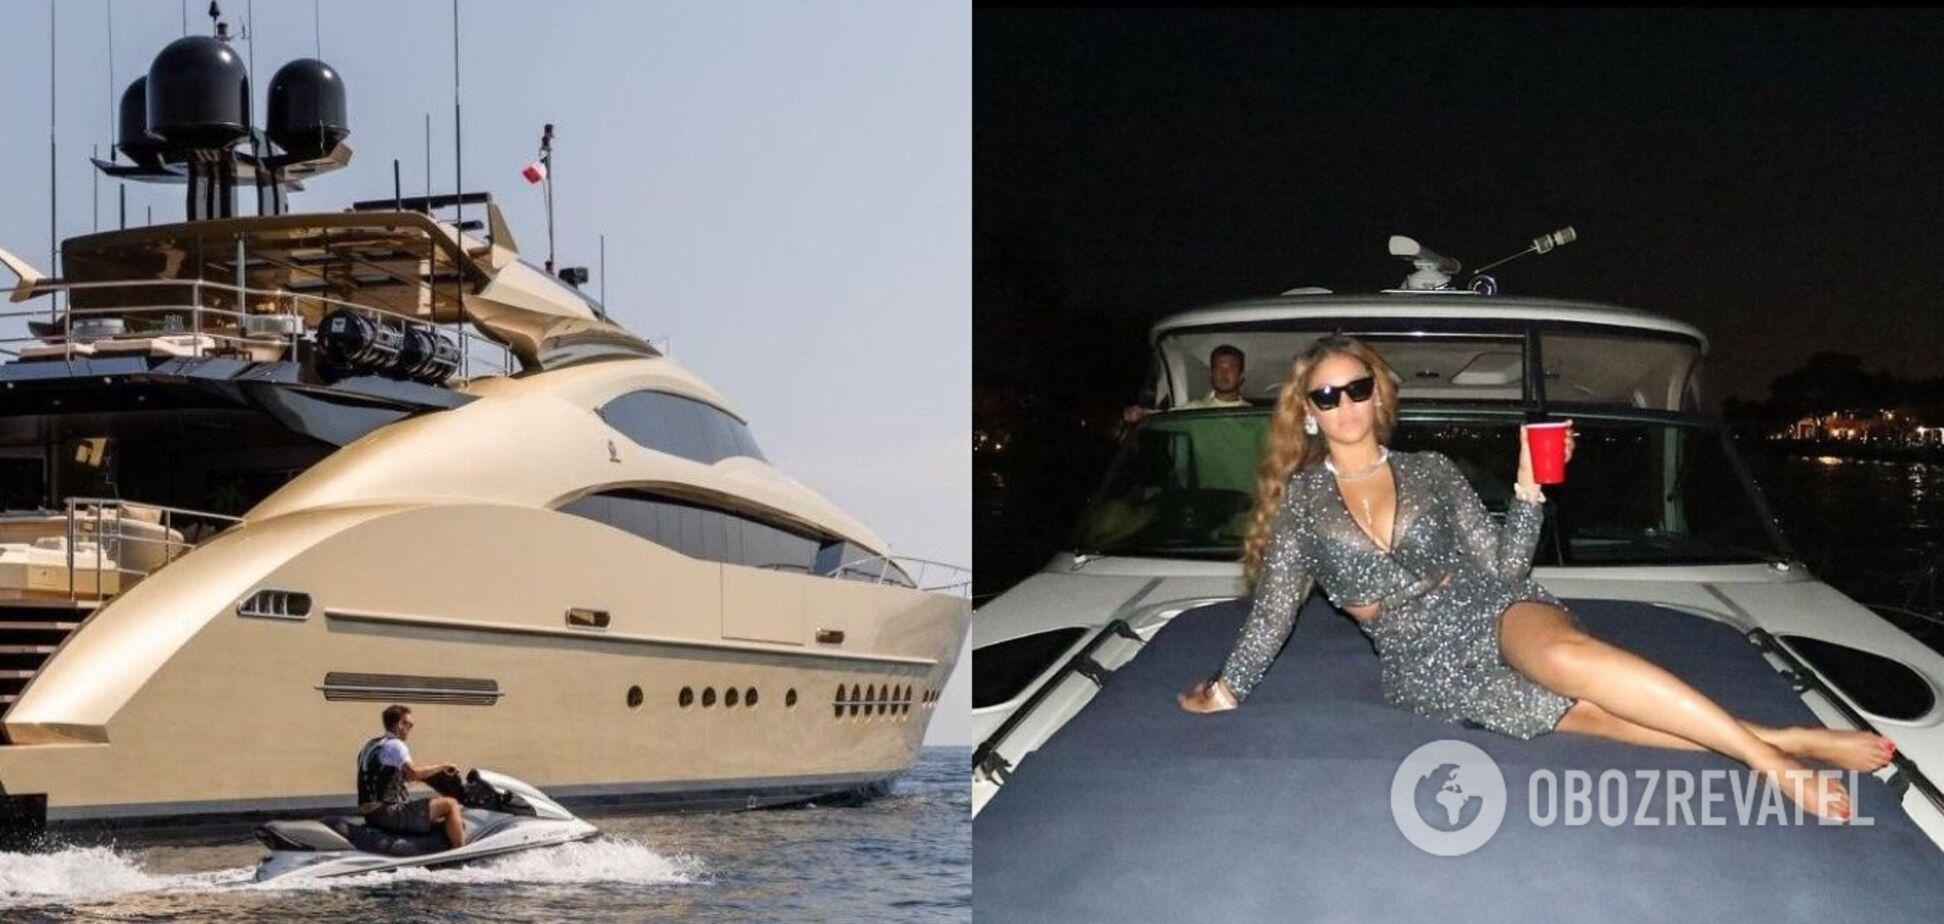 Найрозкішніші яхти Кідман, Бейонсе та інших знаменитостей: як вони виглядають. Фото